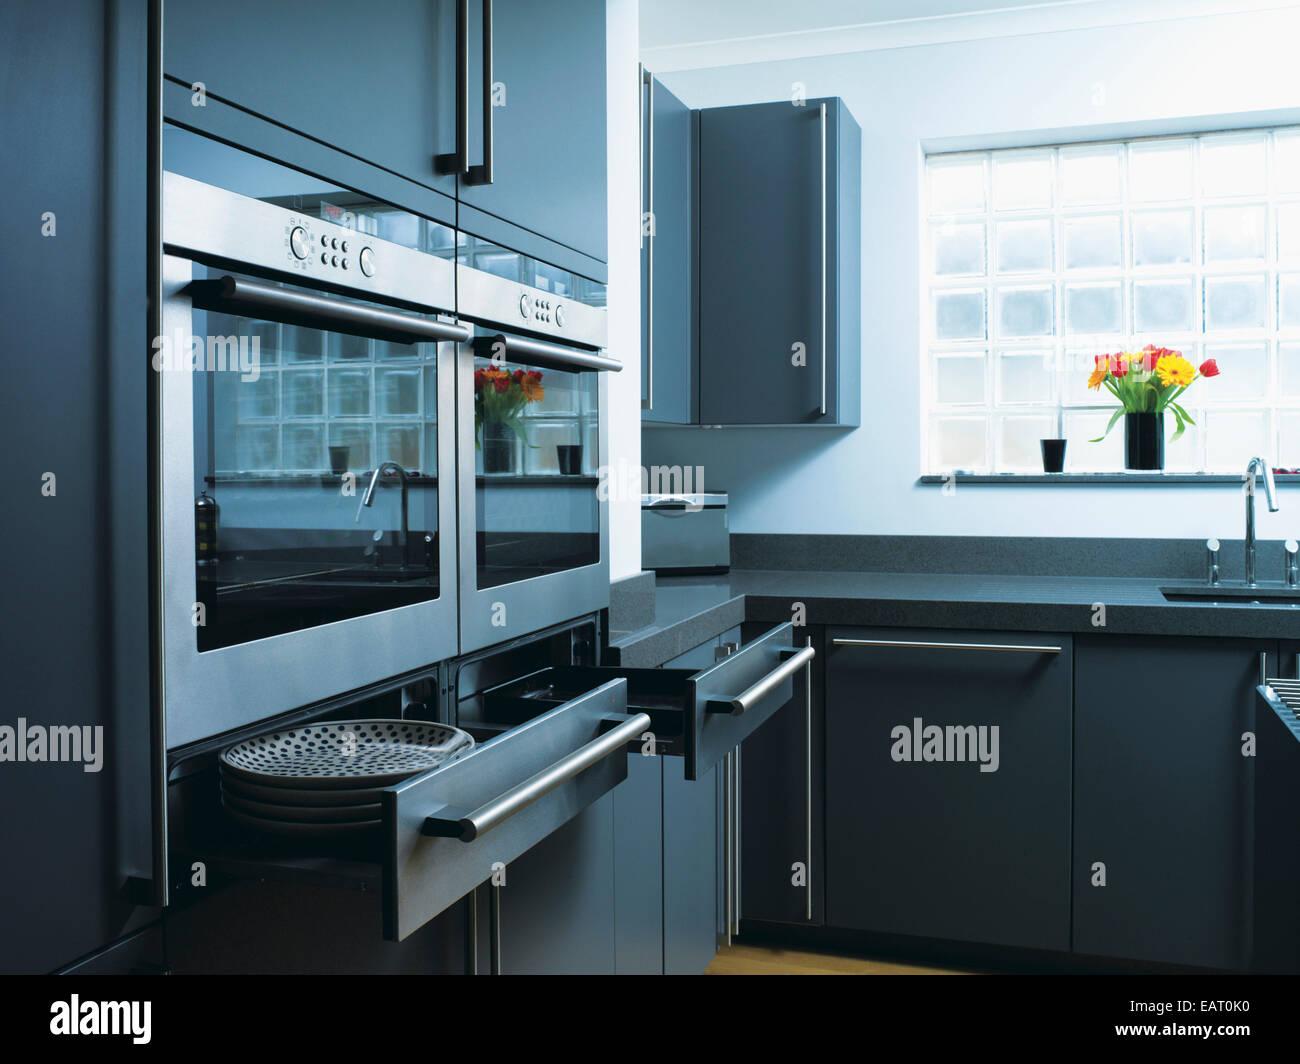 Kitchen Drawers Open Stockfotos & Kitchen Drawers Open Bilder - Alamy